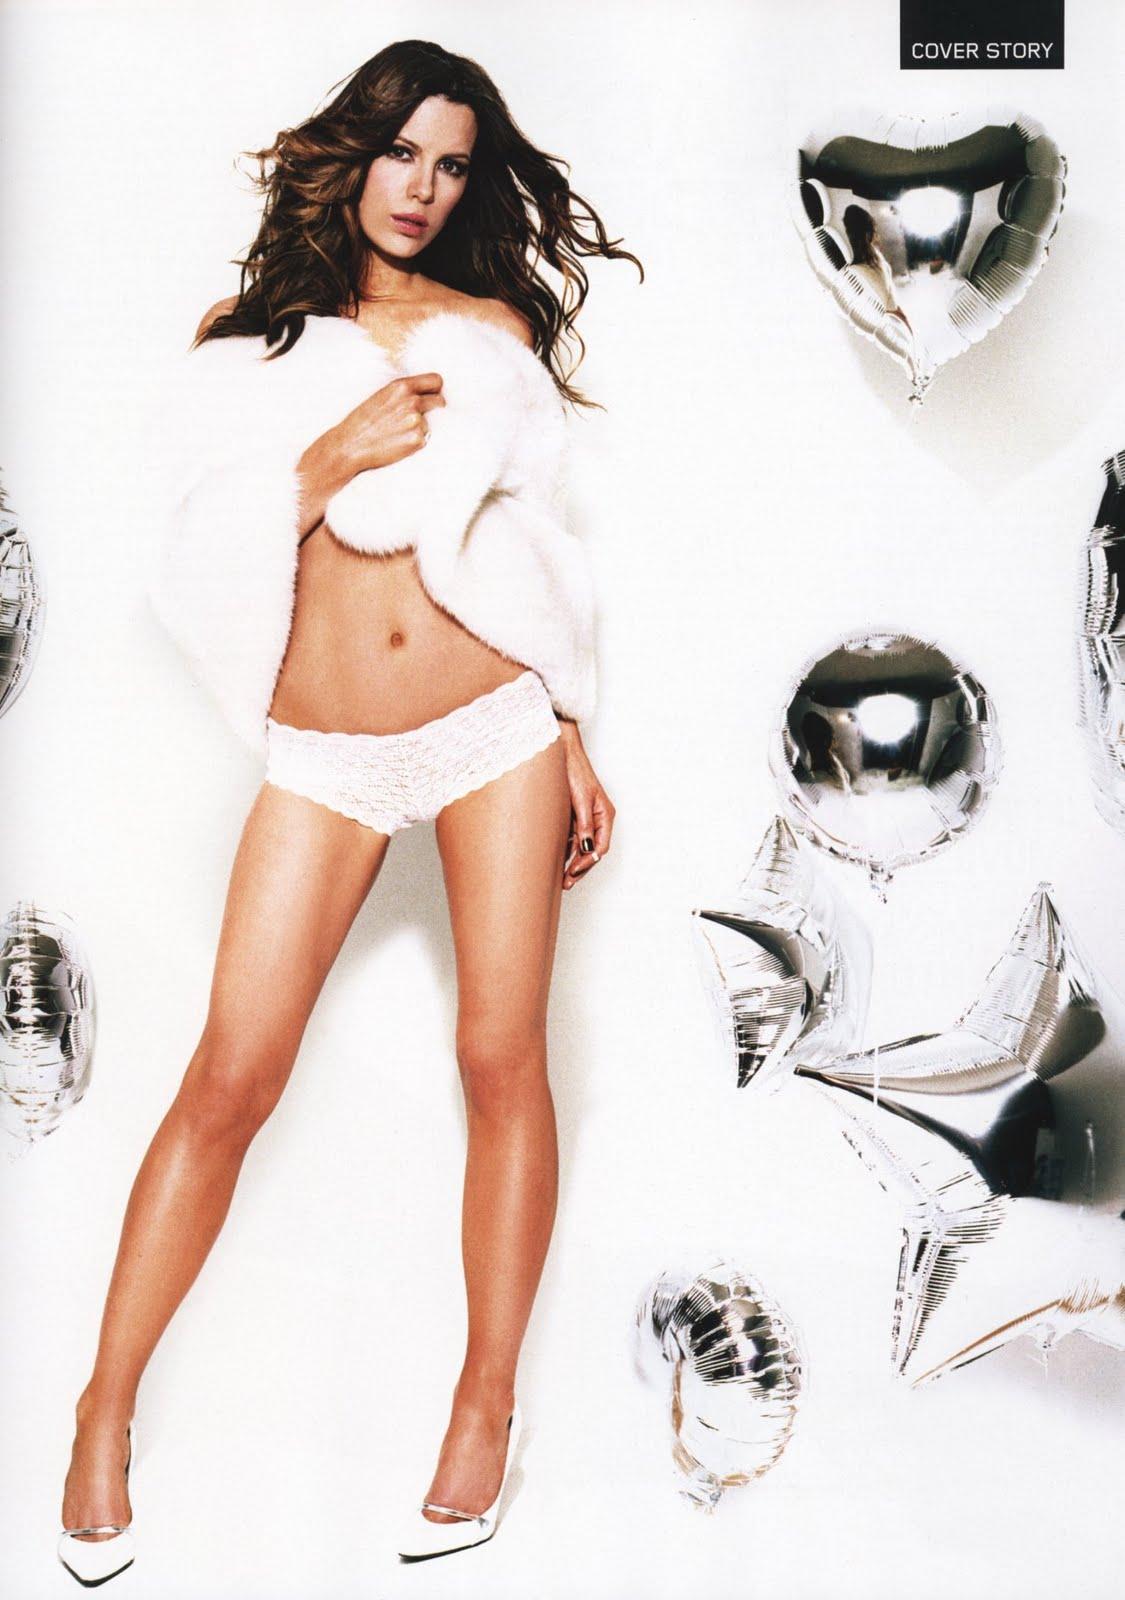 http://3.bp.blogspot.com/_pGTlBw_z2AM/TJjwEgYSg_I/AAAAAAAAALs/JXZAzop0aXk/s1600/kate-beckinsale-gq-uk-03+nude+(qguapas.blogspot.com).jpg